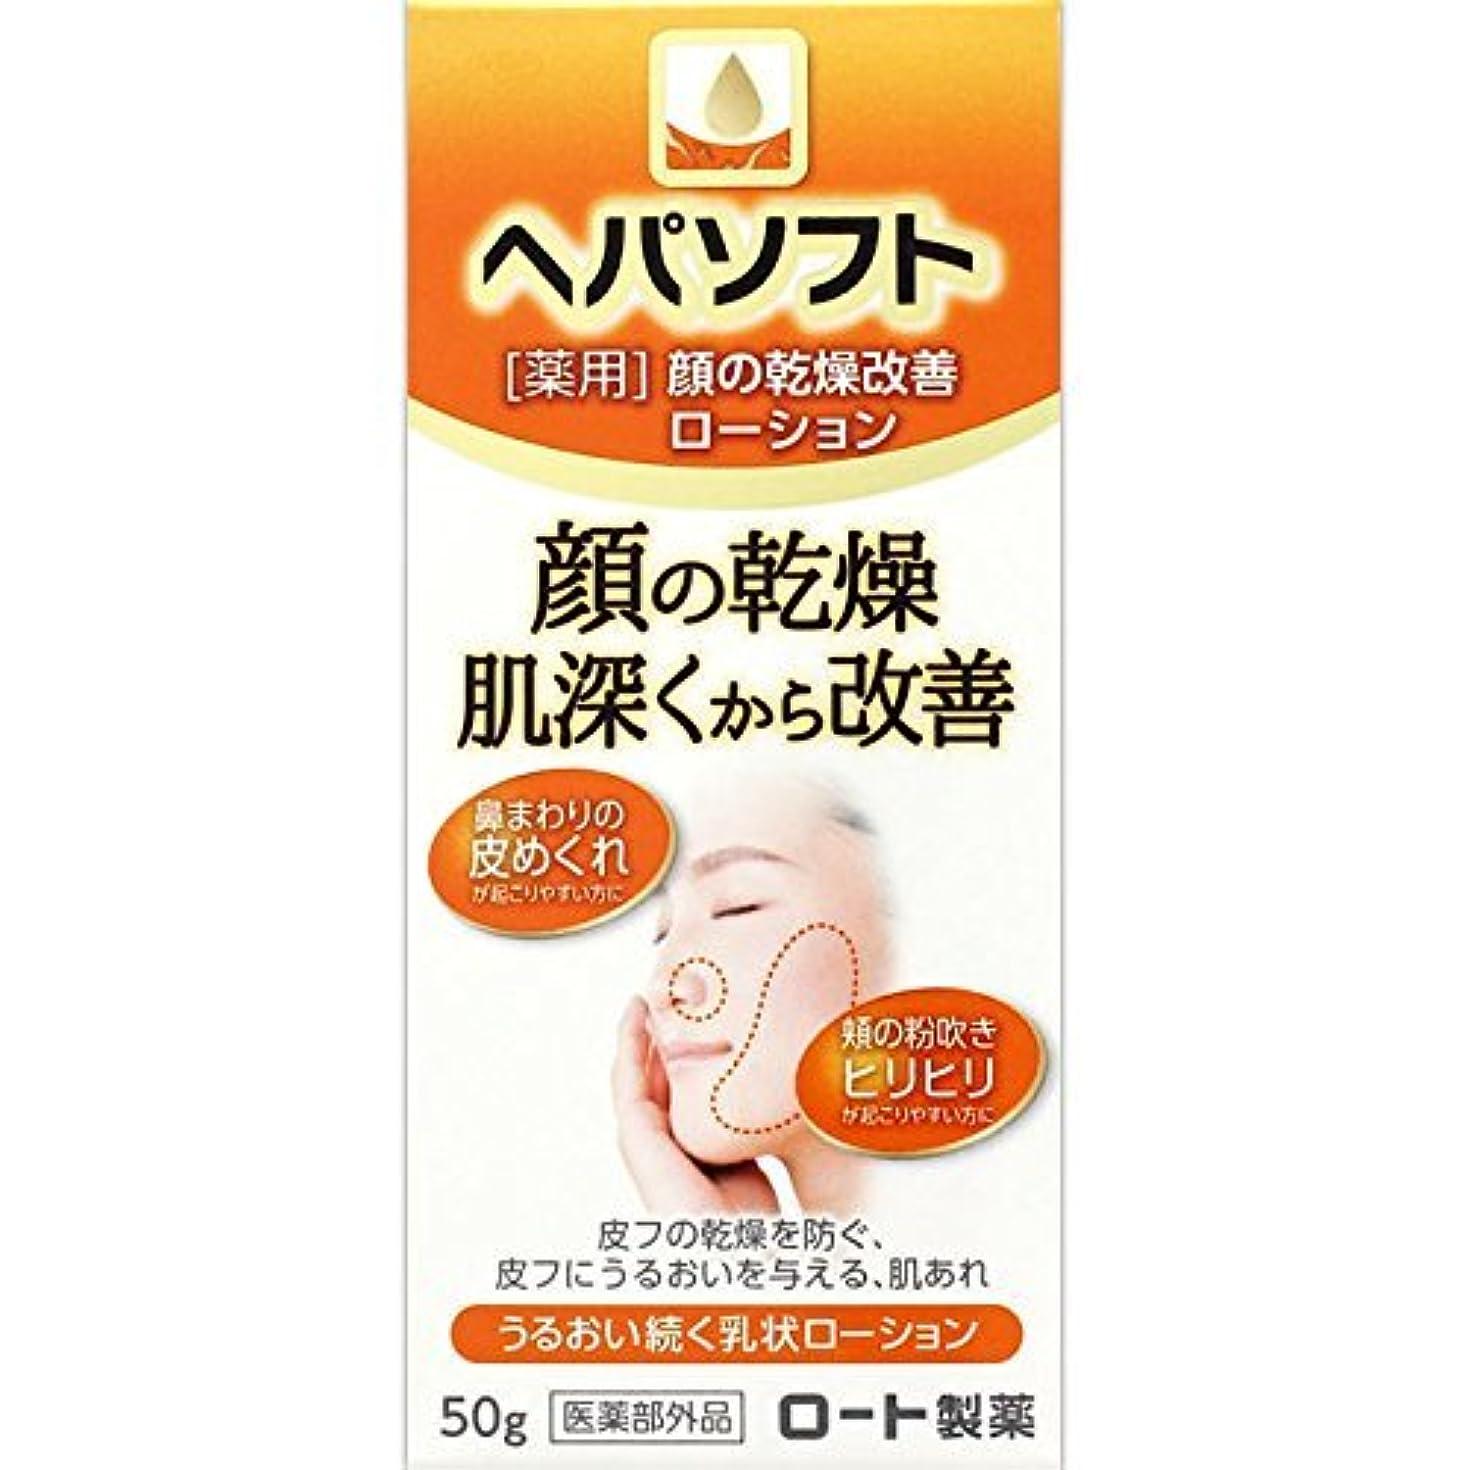 尾毒祖母ヘパソフト 薬用 顔ローション 50g【医薬部外品】